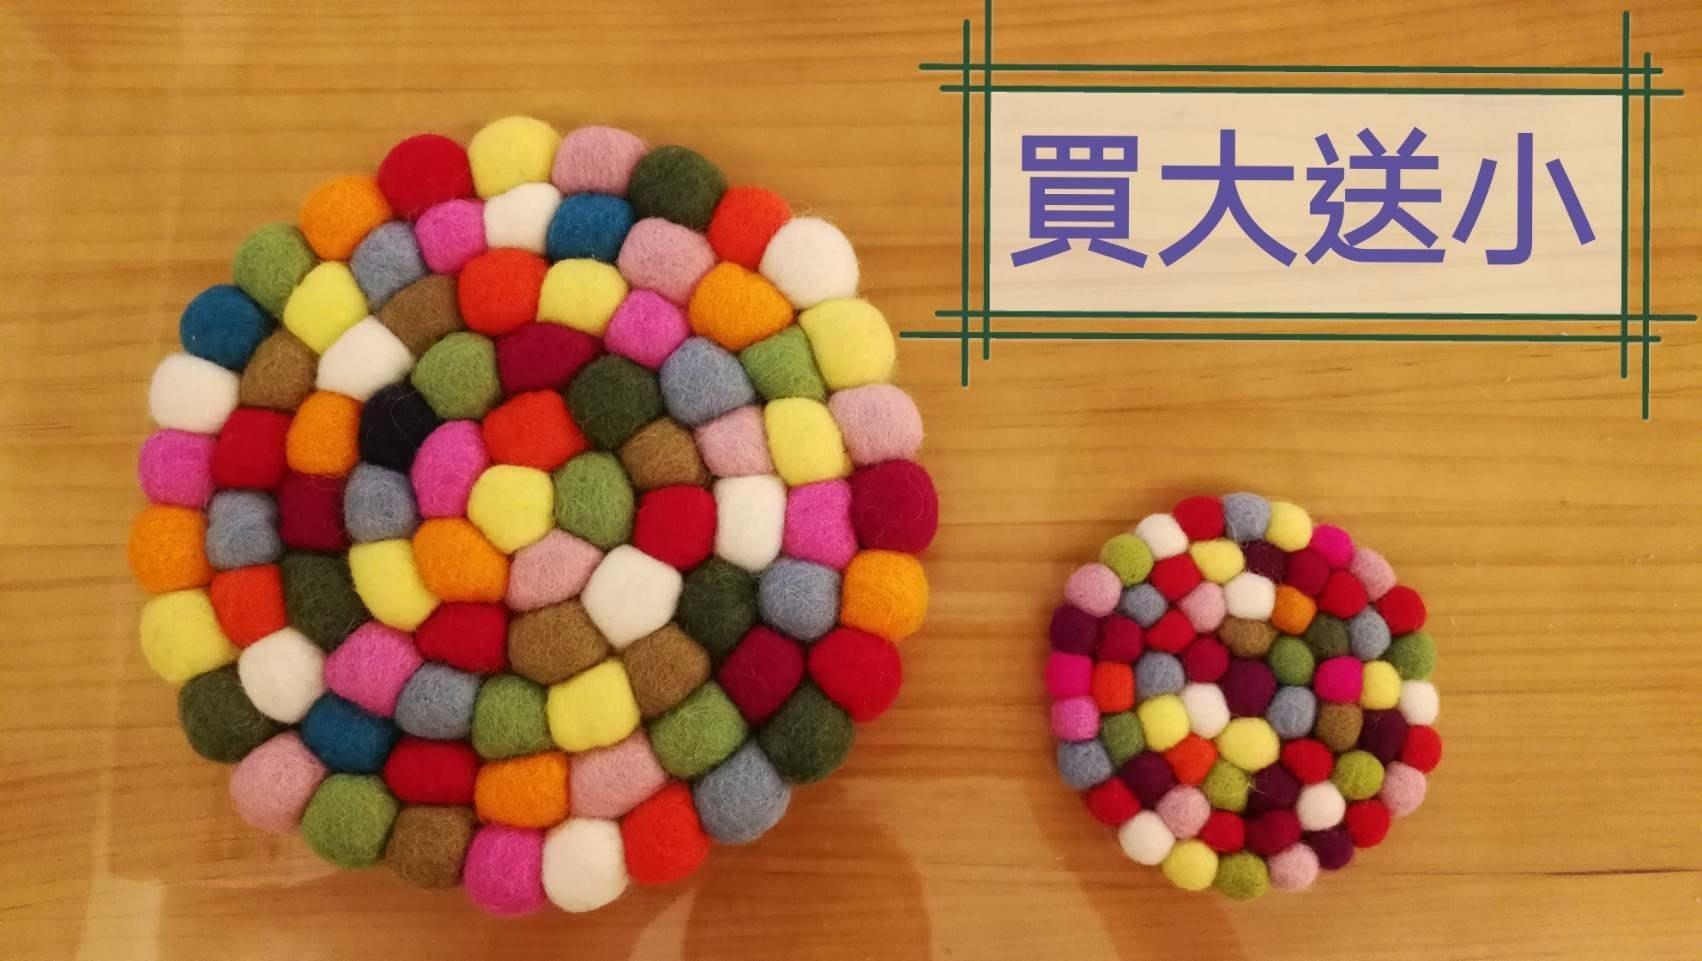 【買大送小】尼泊爾手工製作羊毛氈彩色鍋墊(約直徑20cm) 聖誕節交換禮物